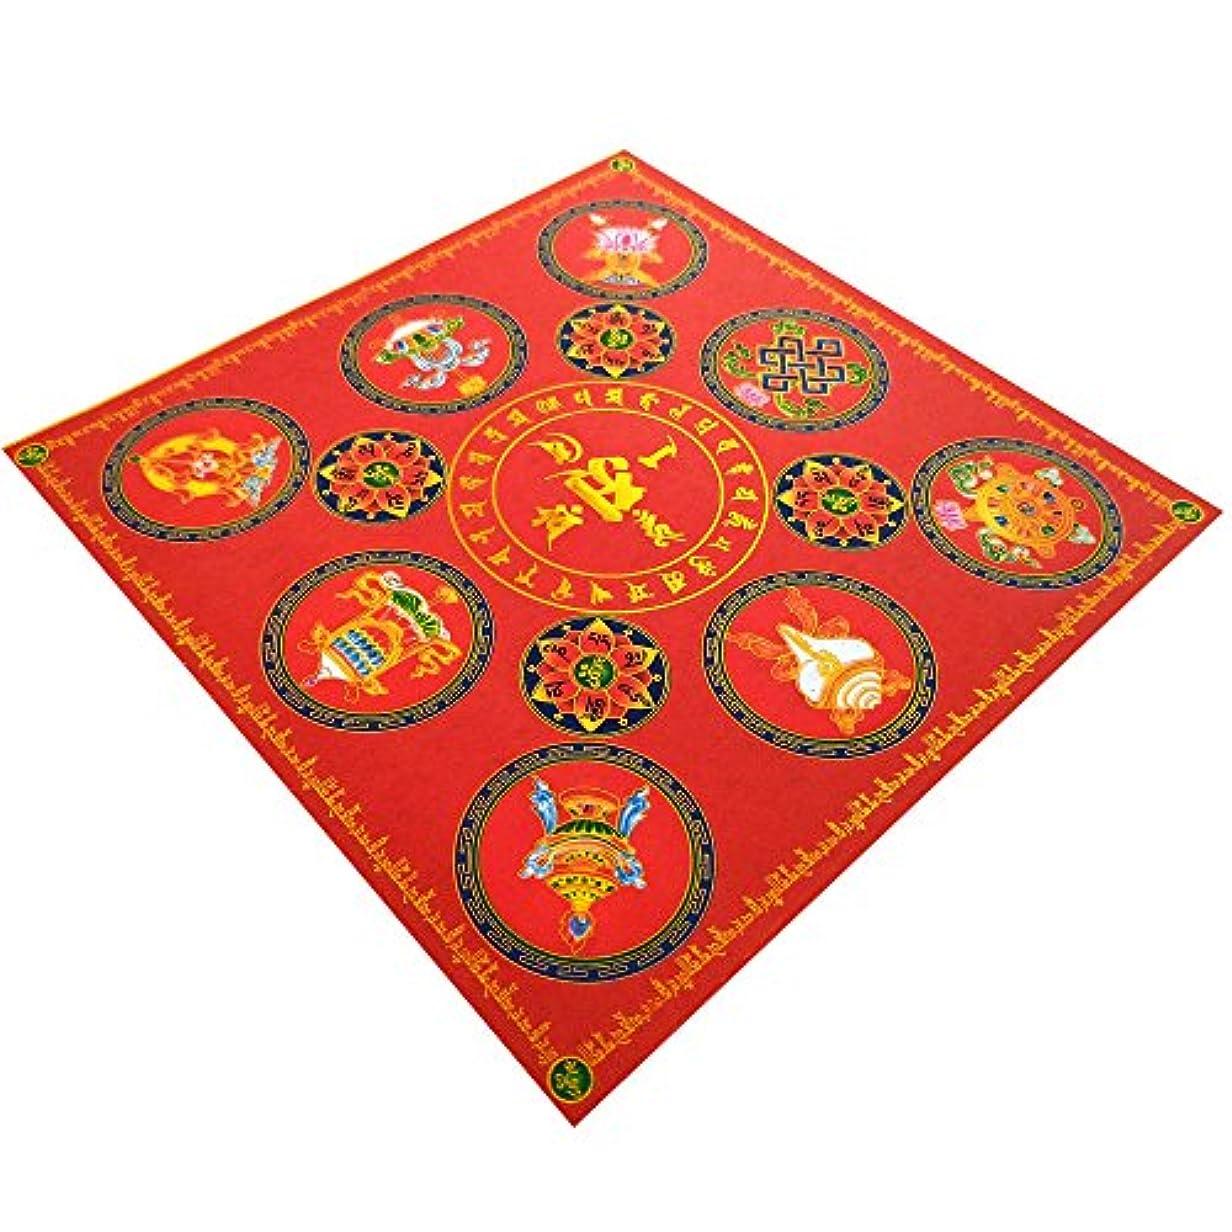 ボード令状雄弁家zeestar祖先Incense用紙/ゴーストお金の祖先Praying 7.6インチx 7.6インチ、40個 – 吉祥(Lotus